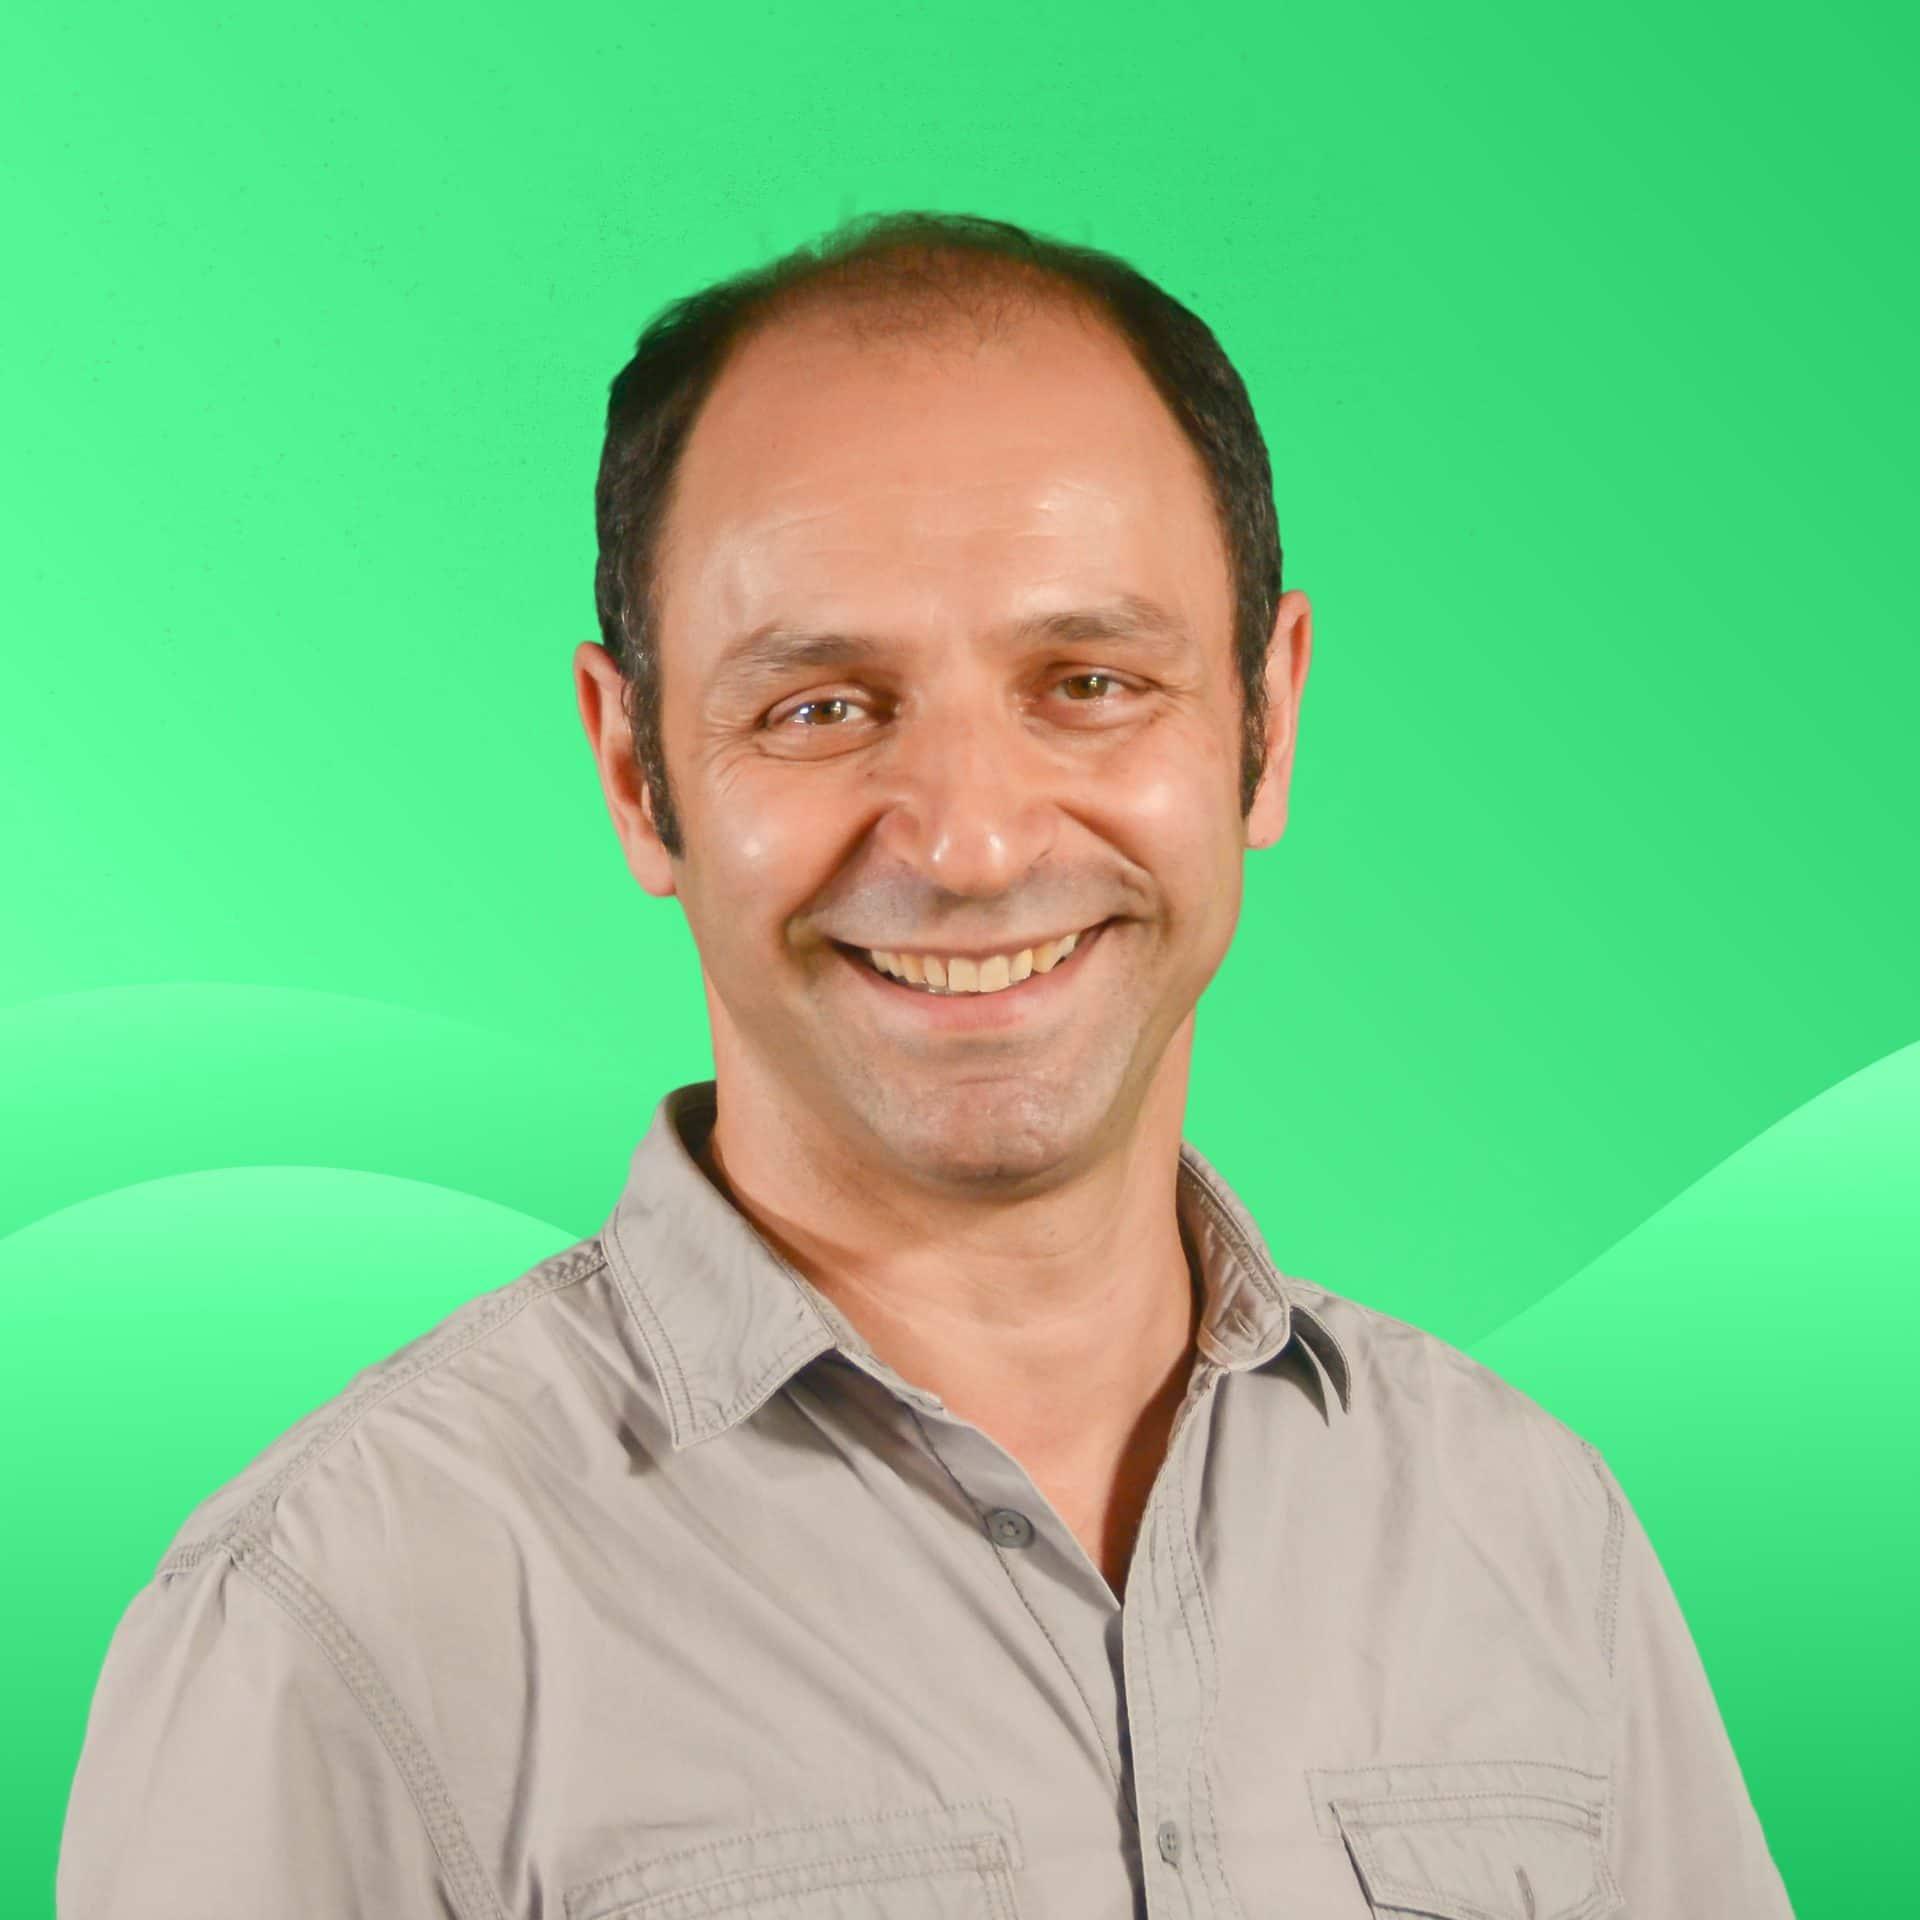 Romain Chidekh